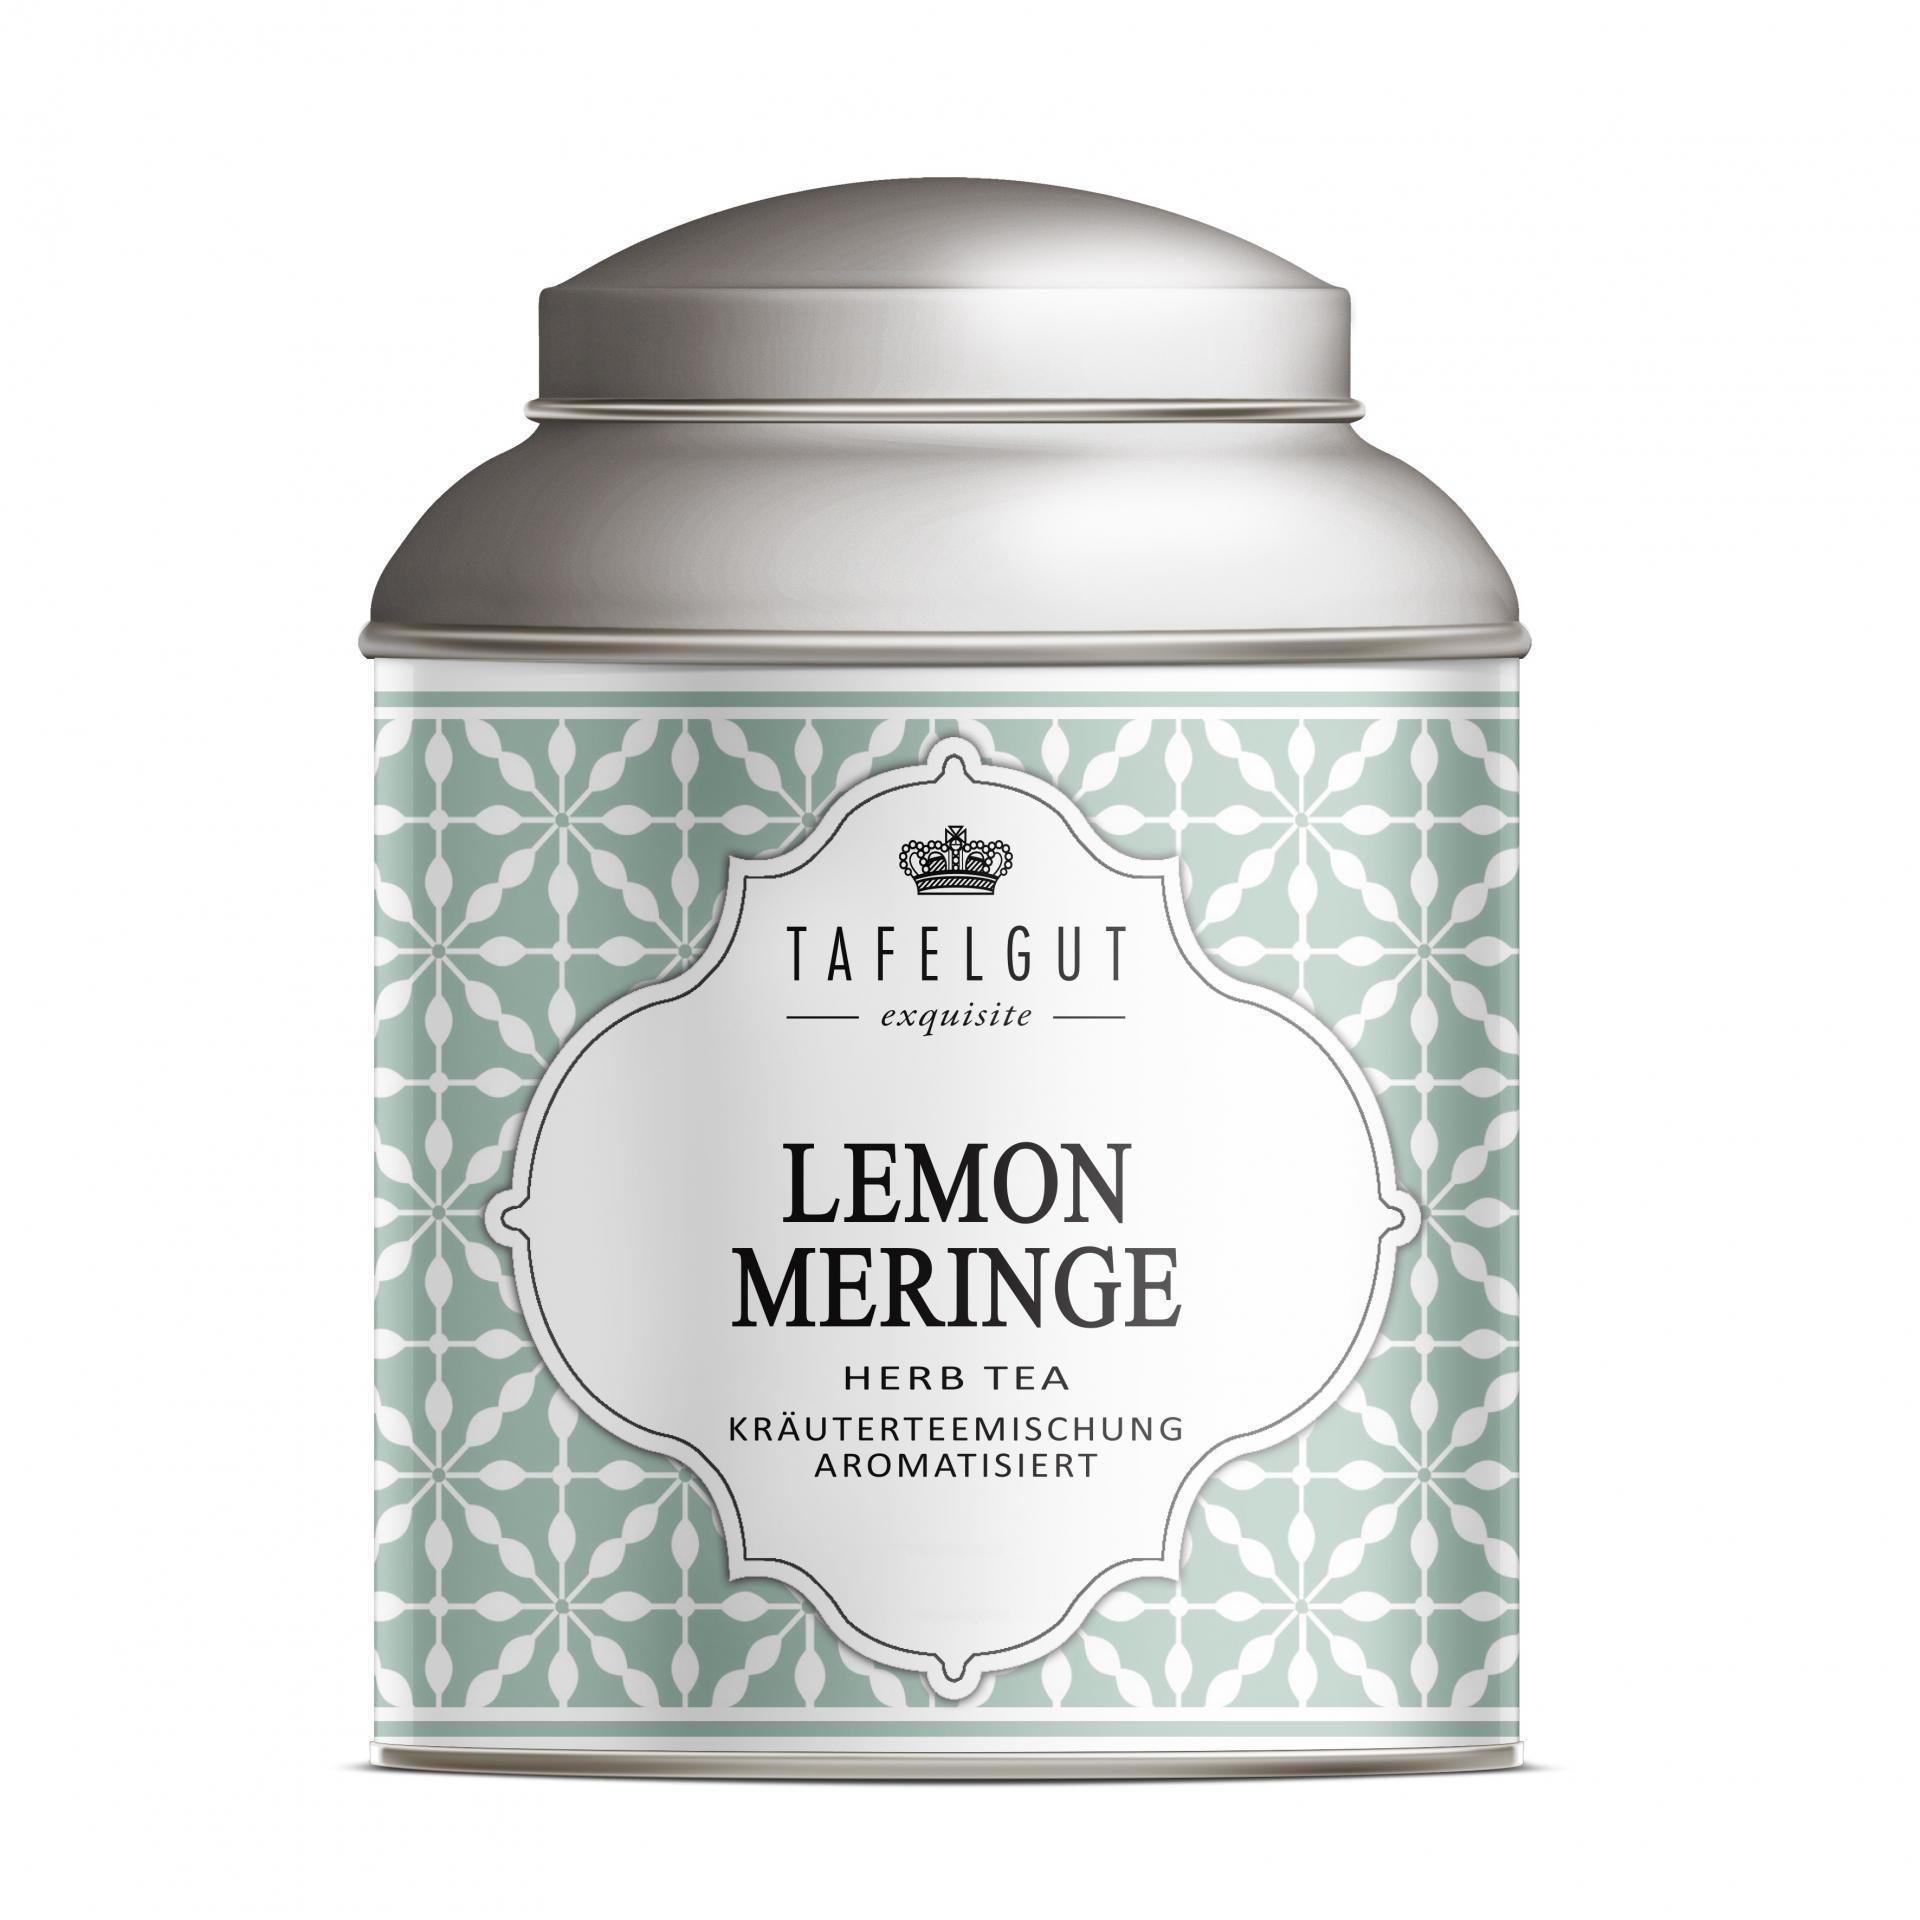 TAFELGUT Mini bylinný čaj Lemon Meringe - 20gr, zelená barva, kov